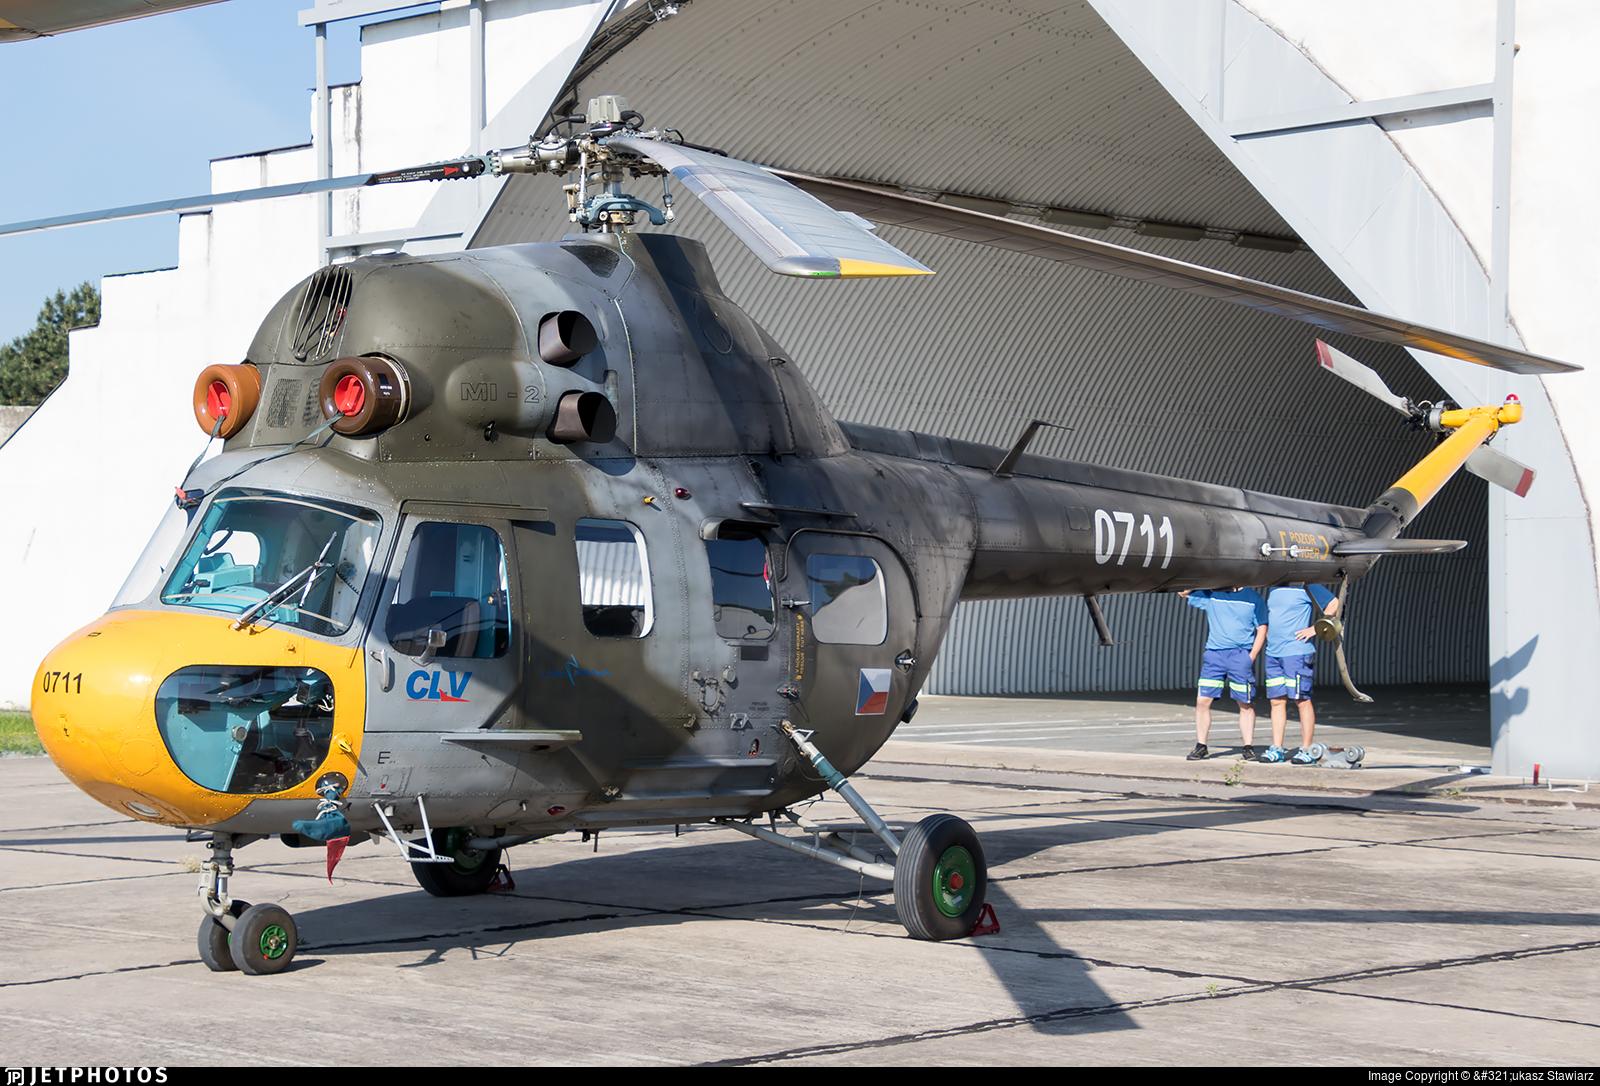 0711 - PZL-Swidnik Mi-2 Hoplite - Czech Republic - Air Force